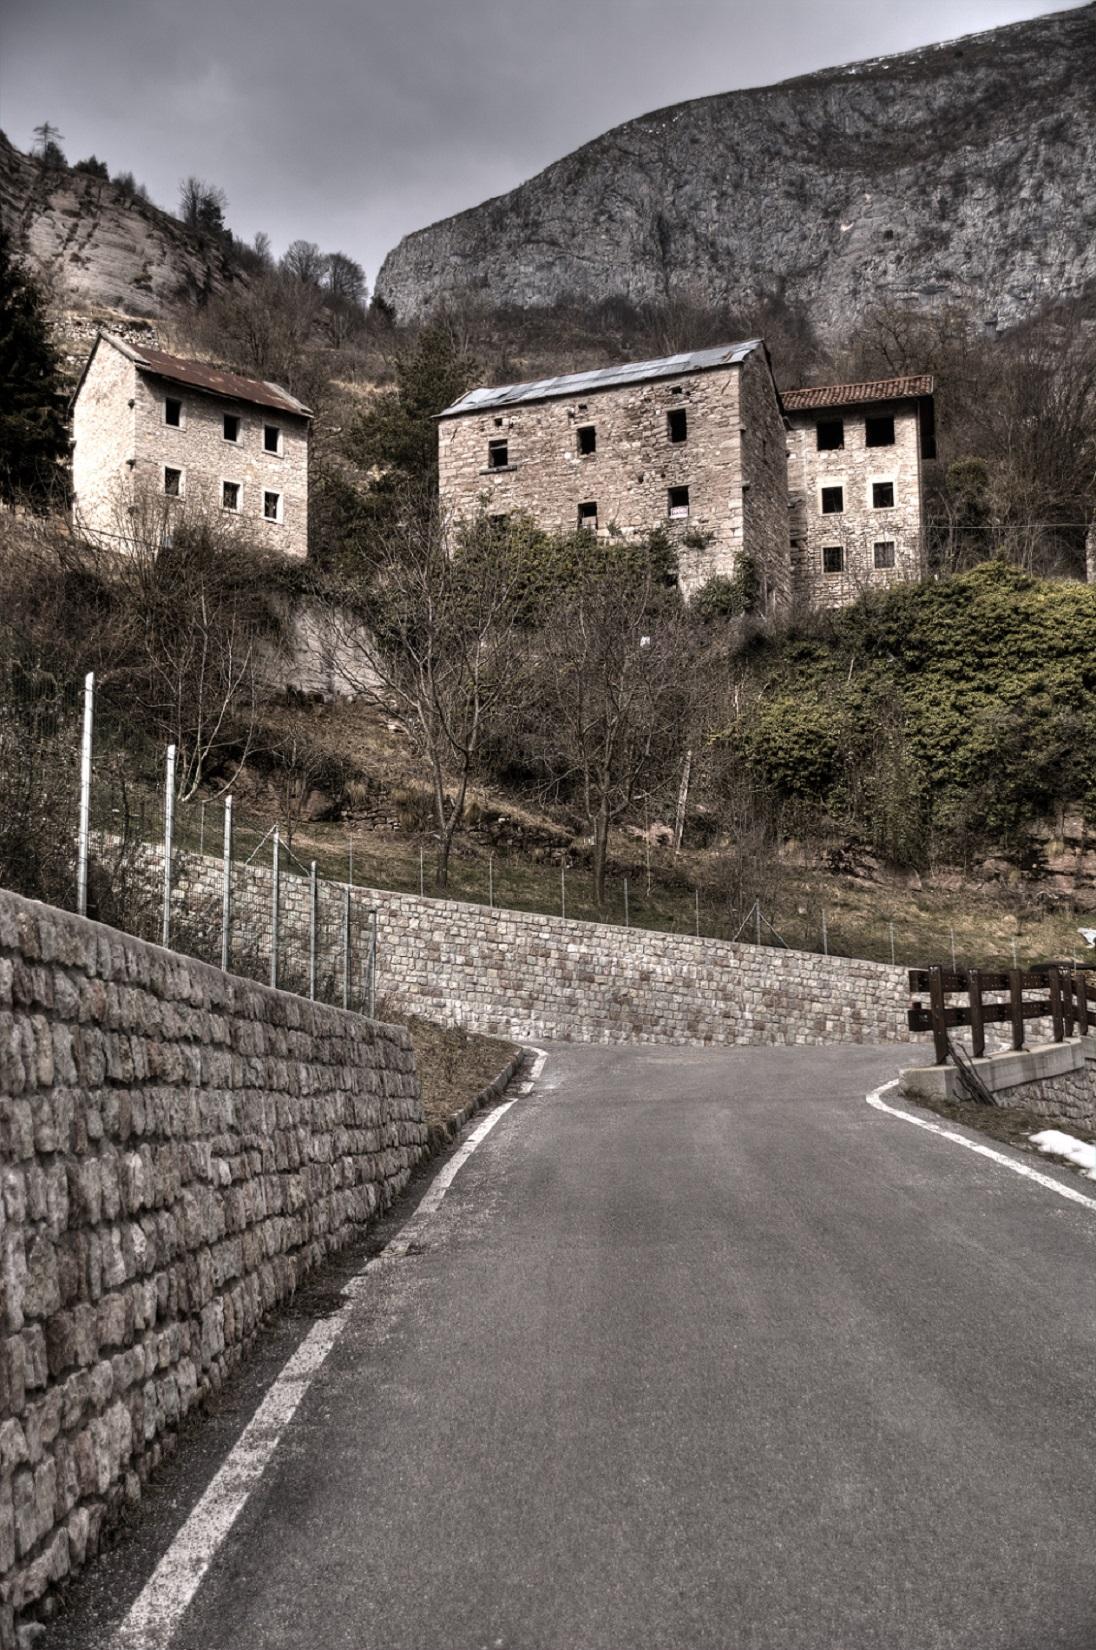 Il paese di Casso, Dolomiti Contemporanee